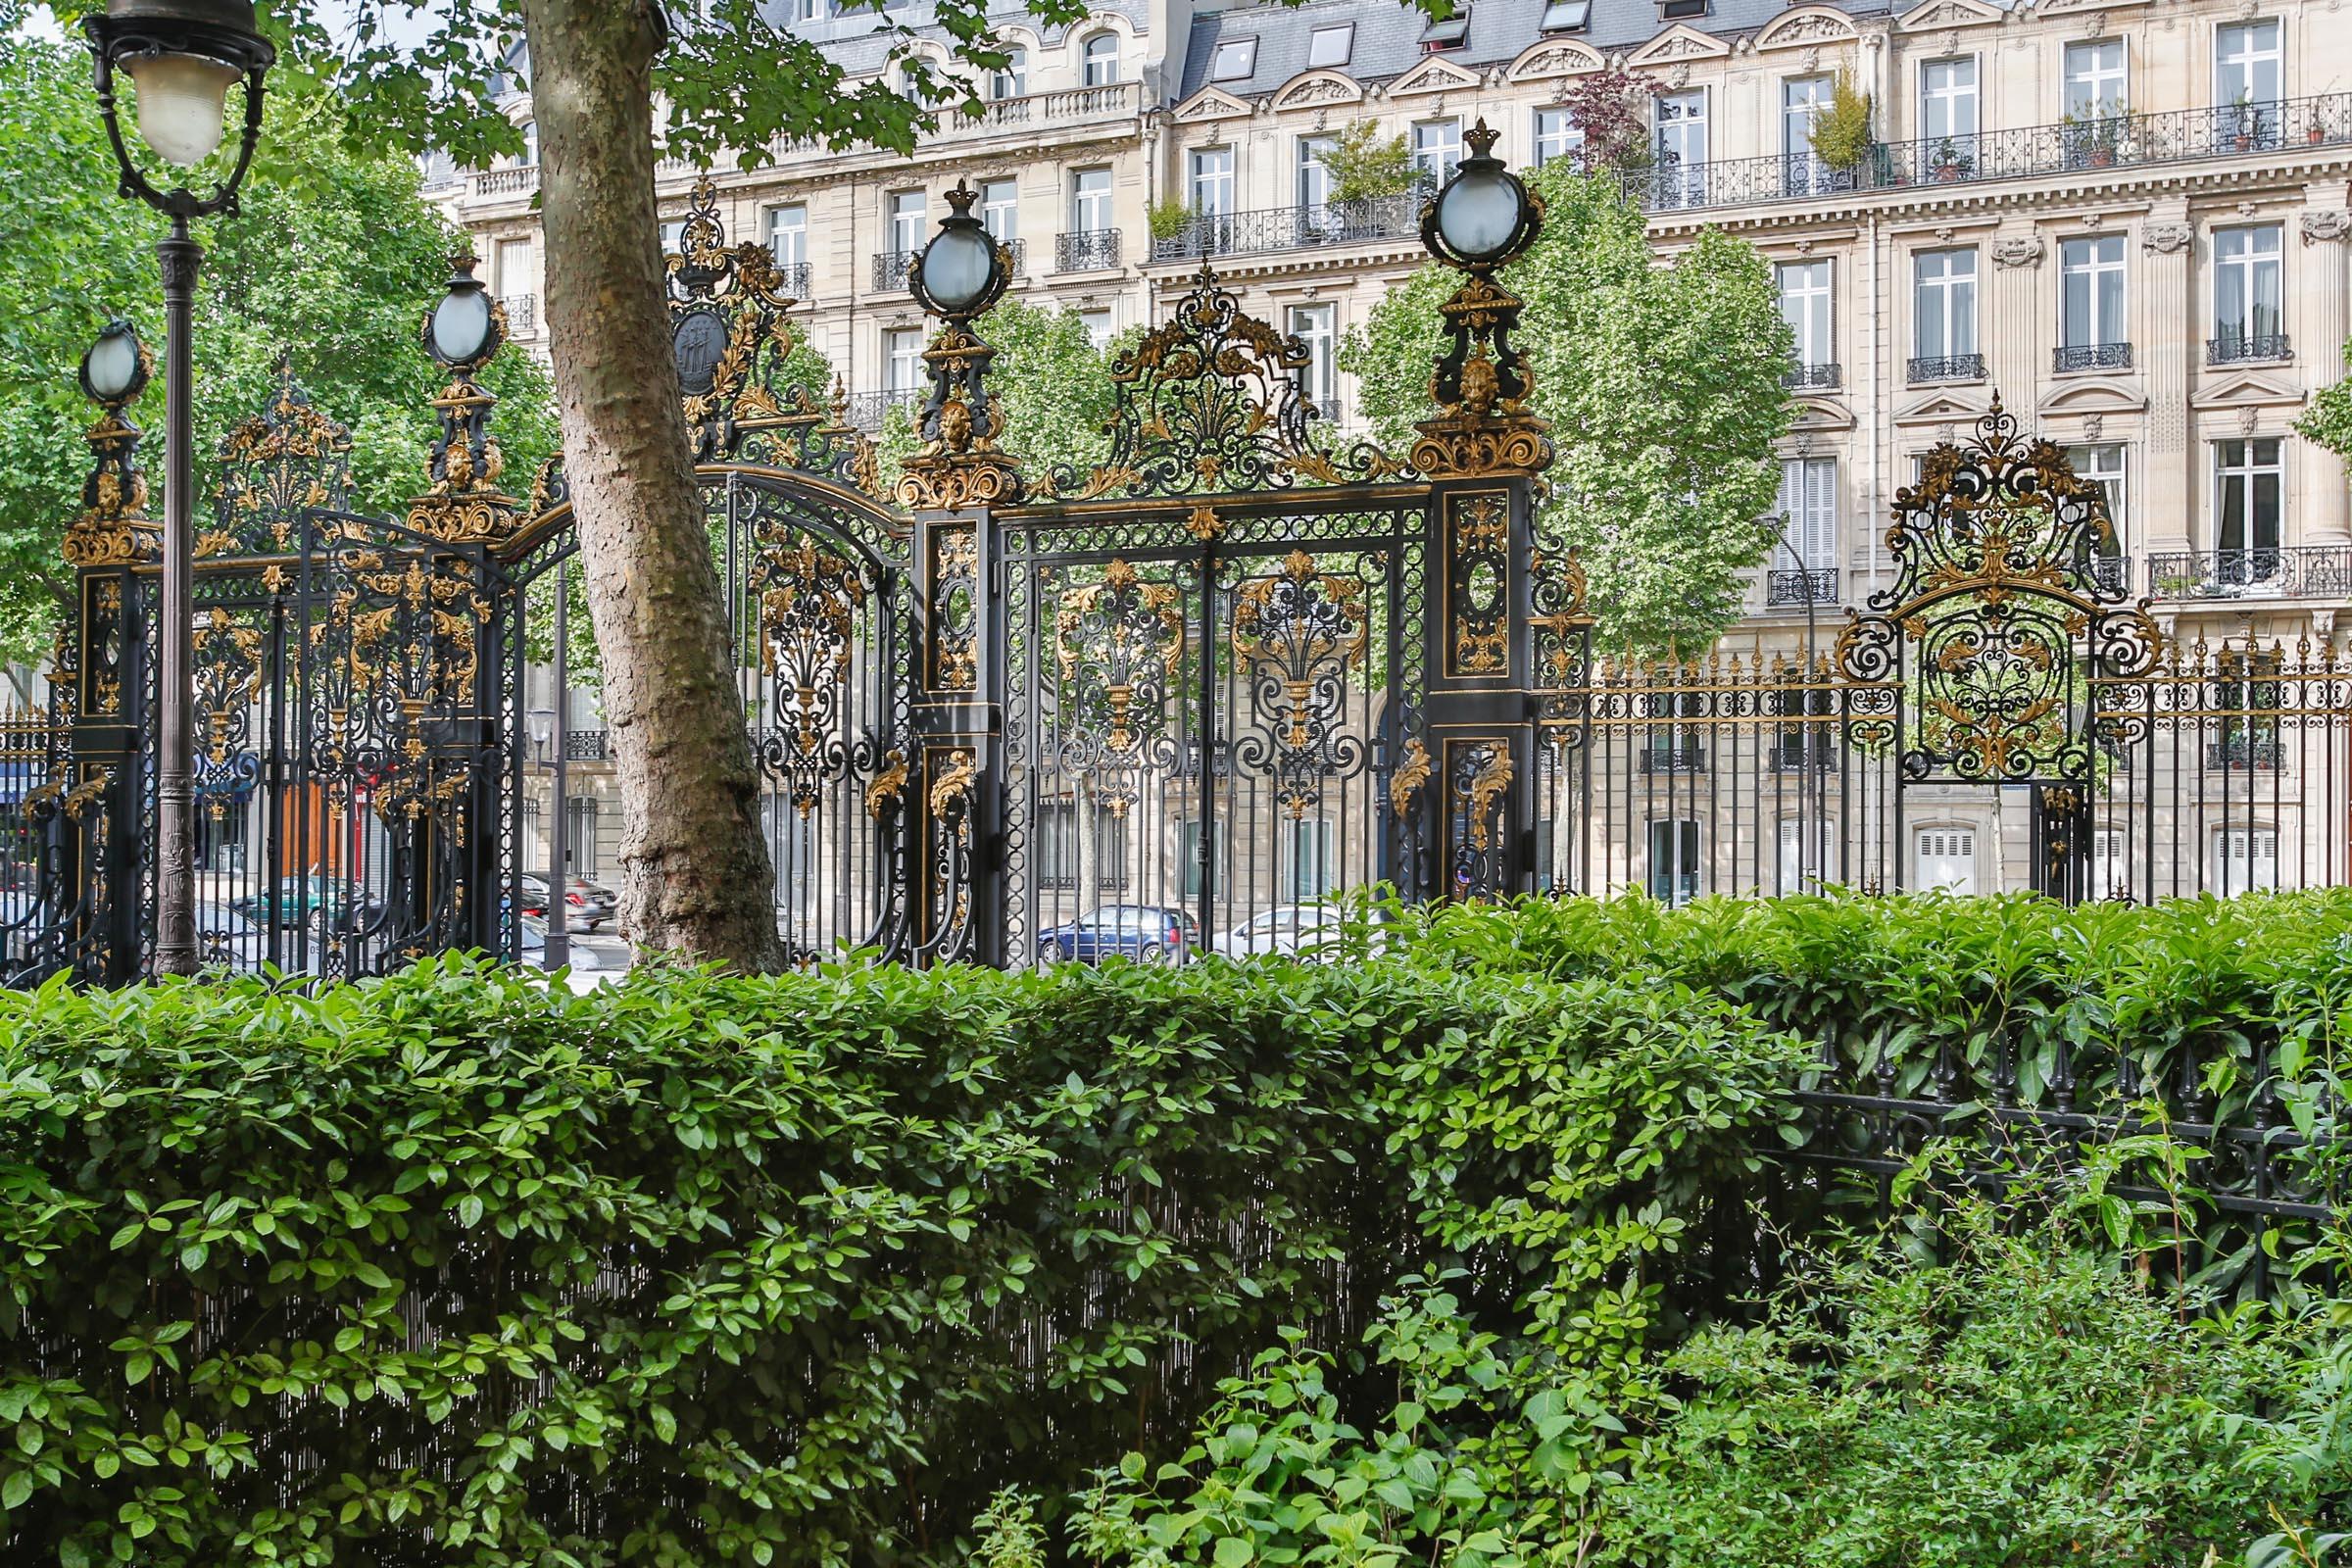 Căn hộ vì Bán tại Apartment - Monceau Park Paris, Paris 75008 Pháp